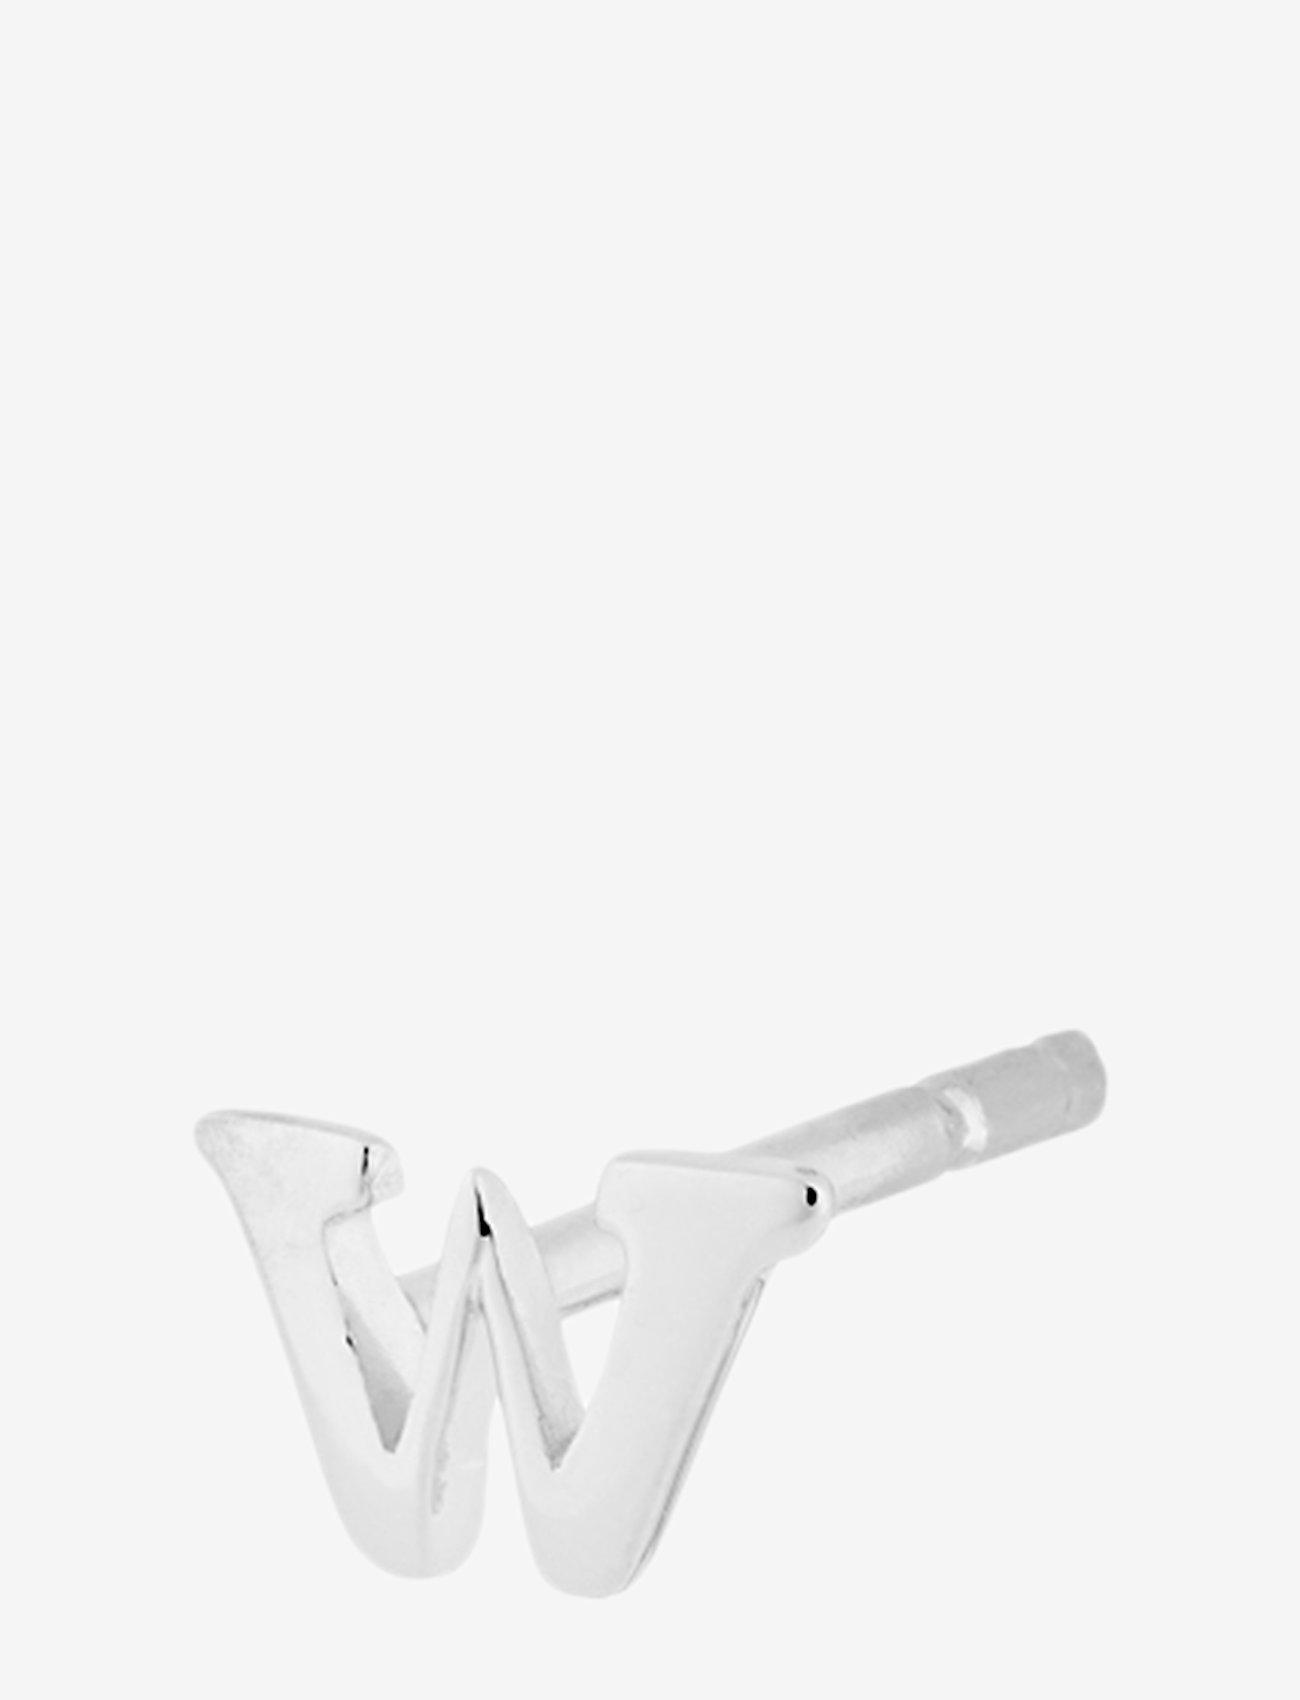 Pernille Corydon Note One Piece Earstick - Biżuteria SILVER - Akcesoria